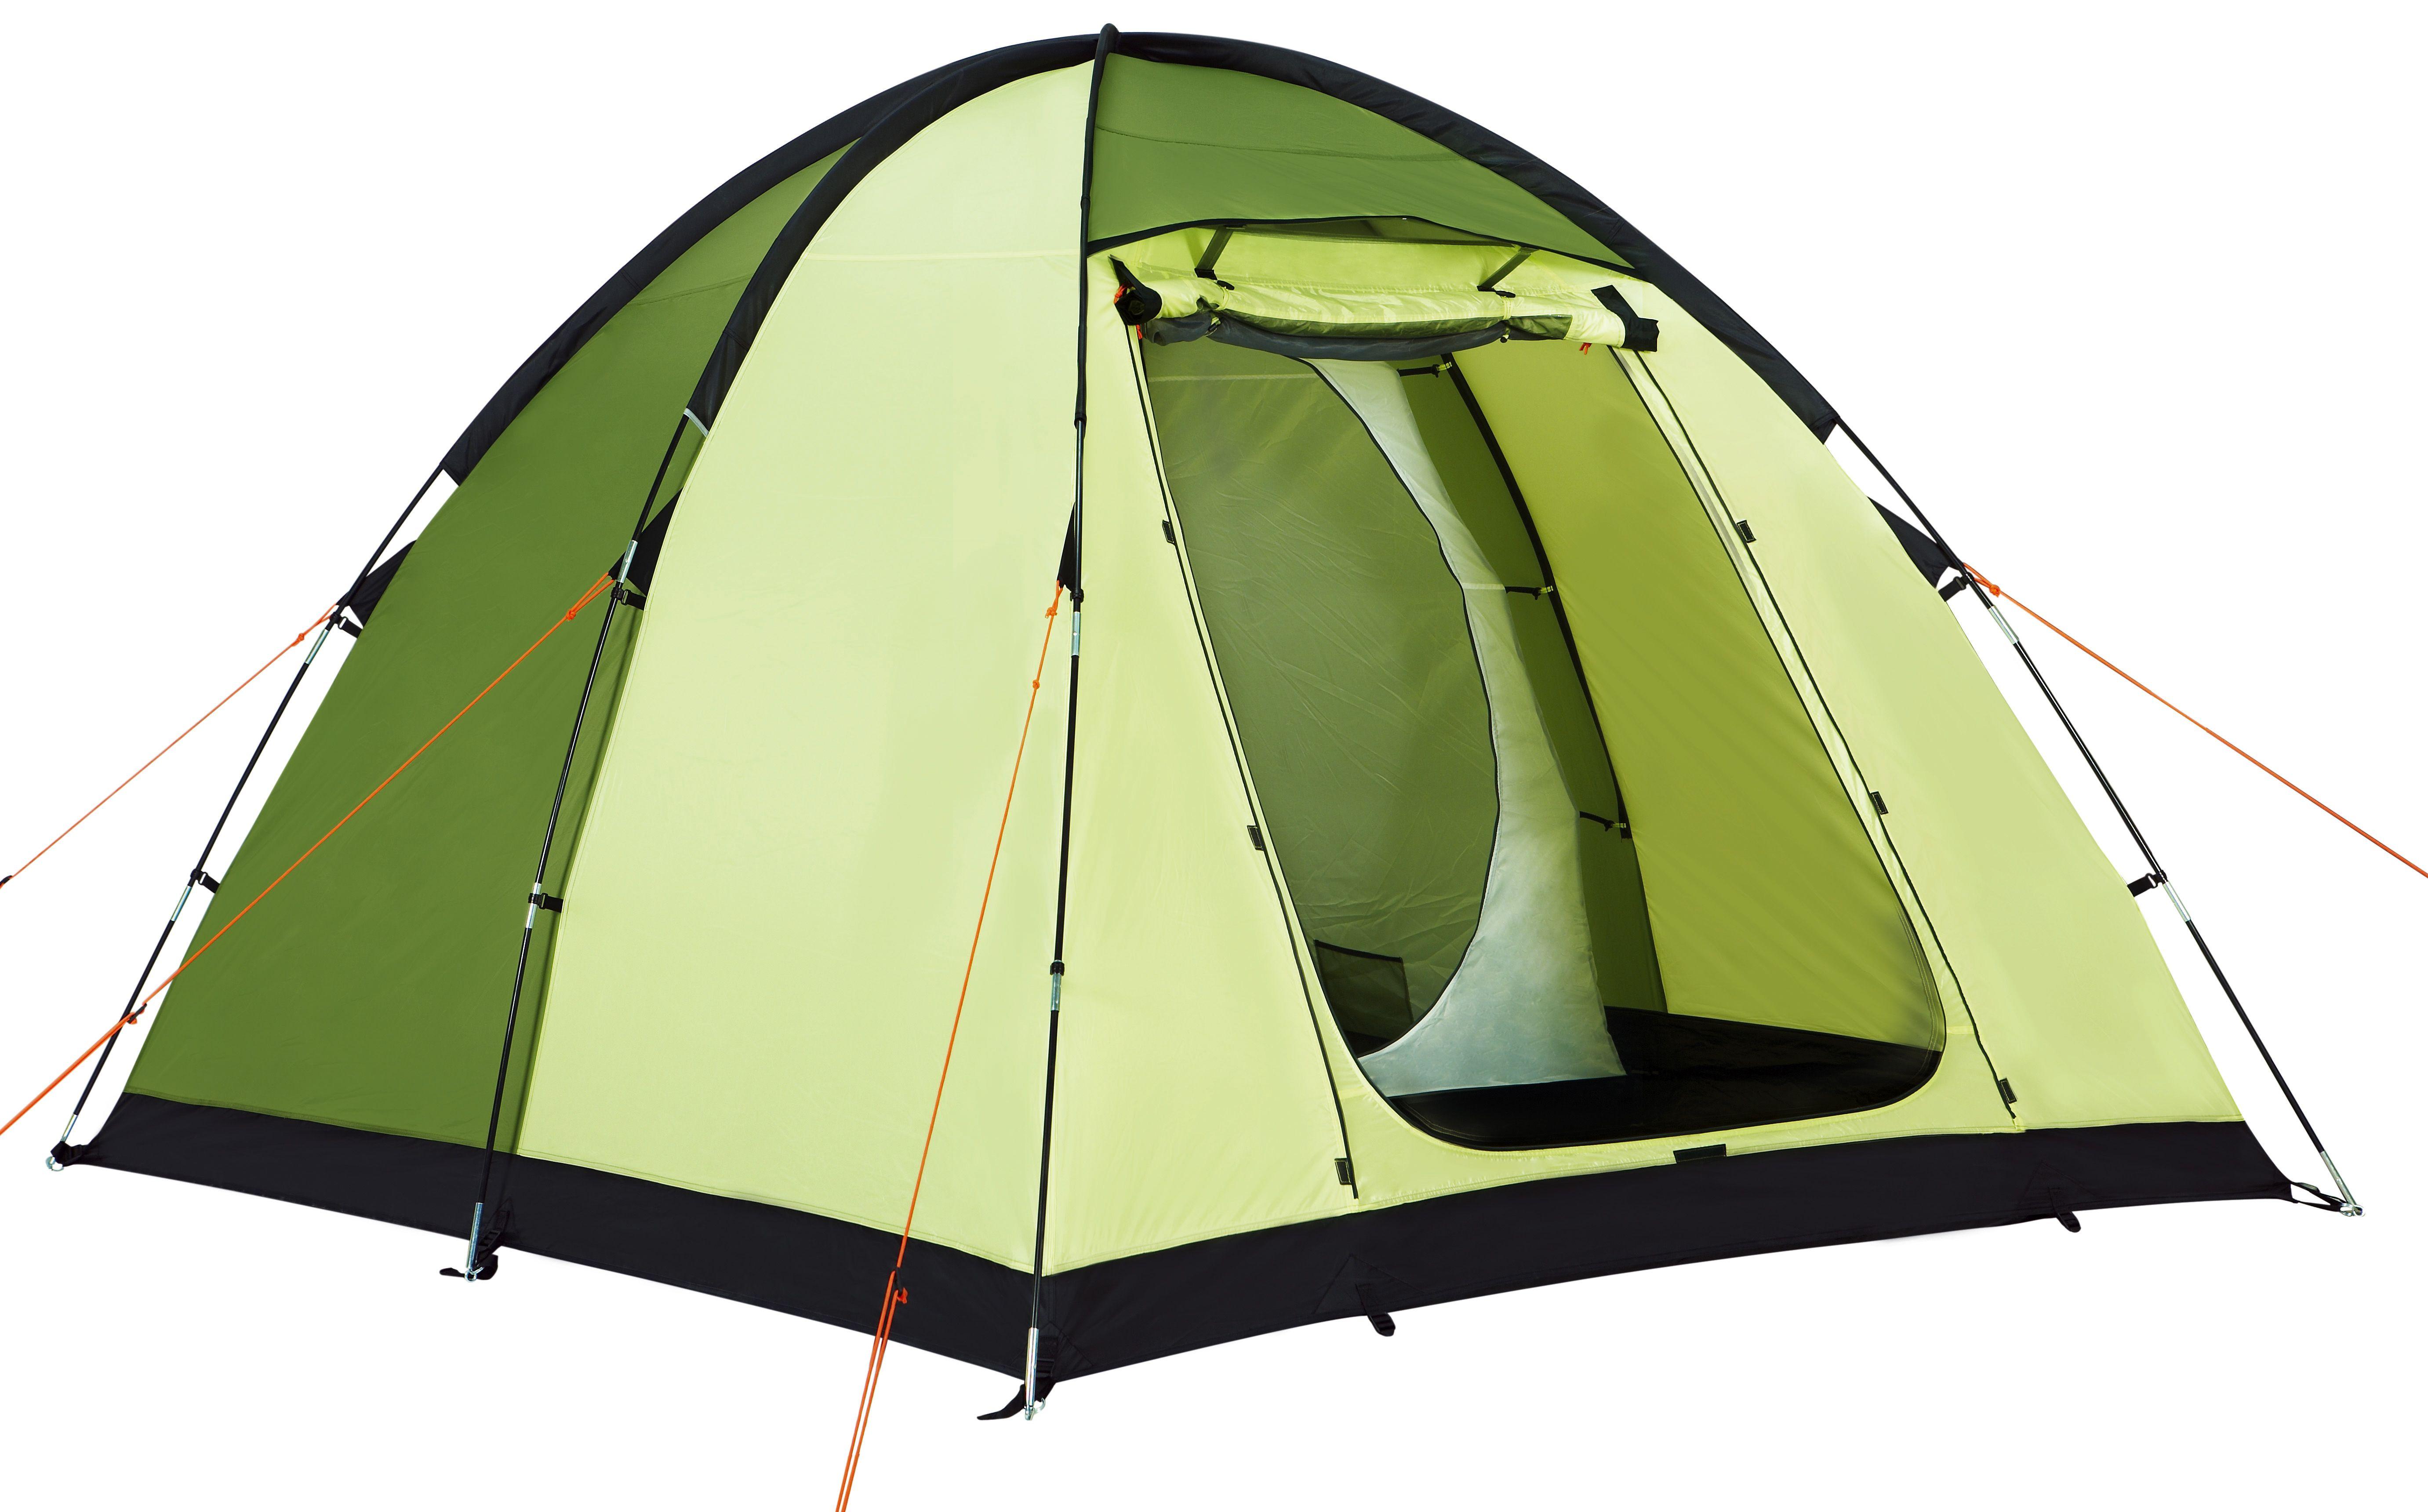 Tente De Camping Geodia 2 Places Tente Dome 2 Places Une Tente 3 Arceaux Avec 1 Chambre De 3 2m Et 1 Sejour De 3 6m Le T Camping Tente Dome Camping Tente